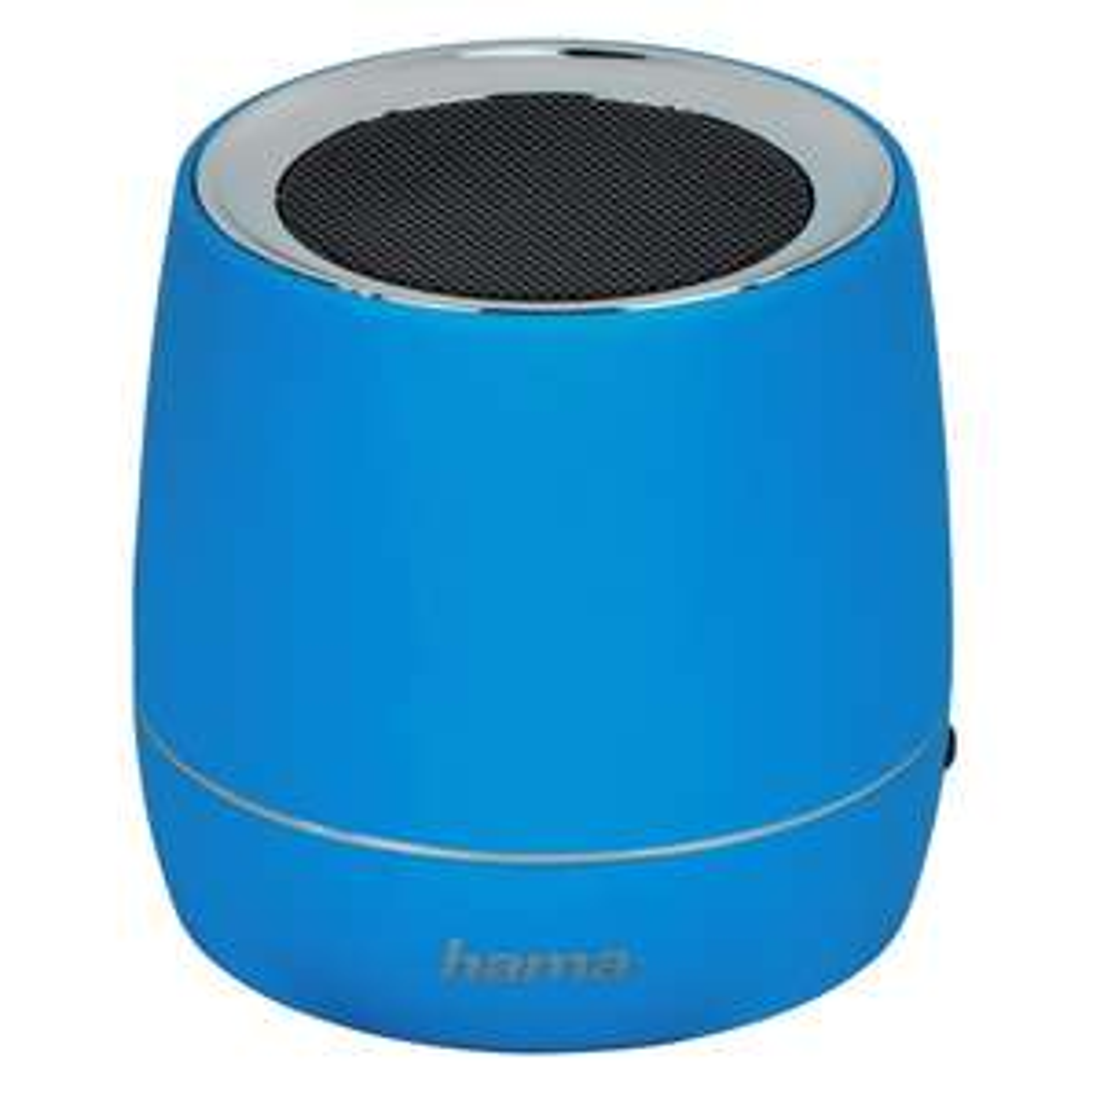 Amazon Plus / Conrad / Voelkner : Hama Lautsprecher für Smartphones,Tablets und Notebooks (6,5 x 6,8 cm (B x H), inkl. USB-Ladekabel) blau und grün